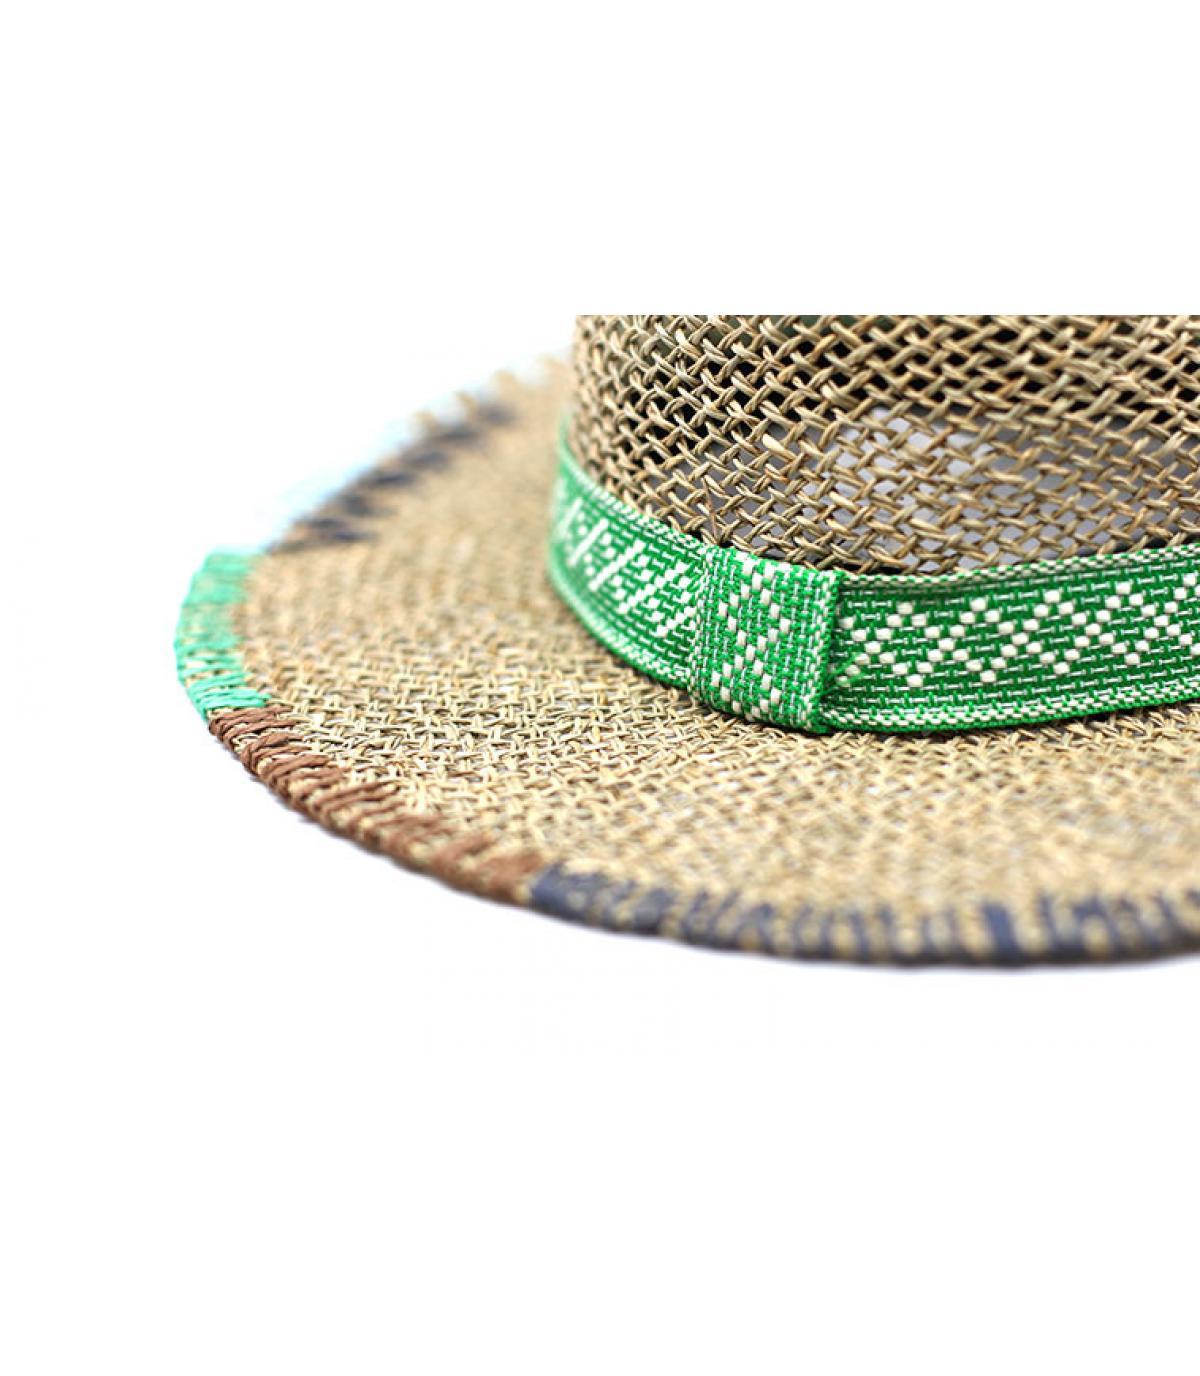 Details Floppy Embroidery natural grass green - Abbildung 3